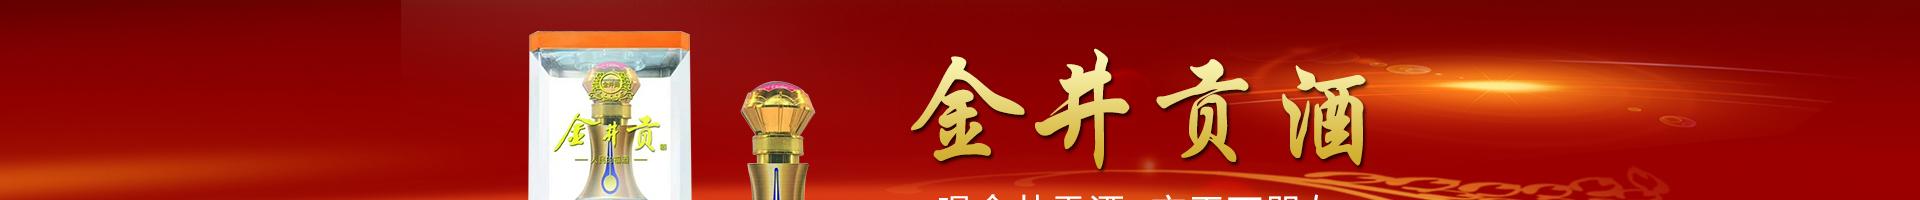 安徽亳州市皖蕴坊原浆酒业有限公司